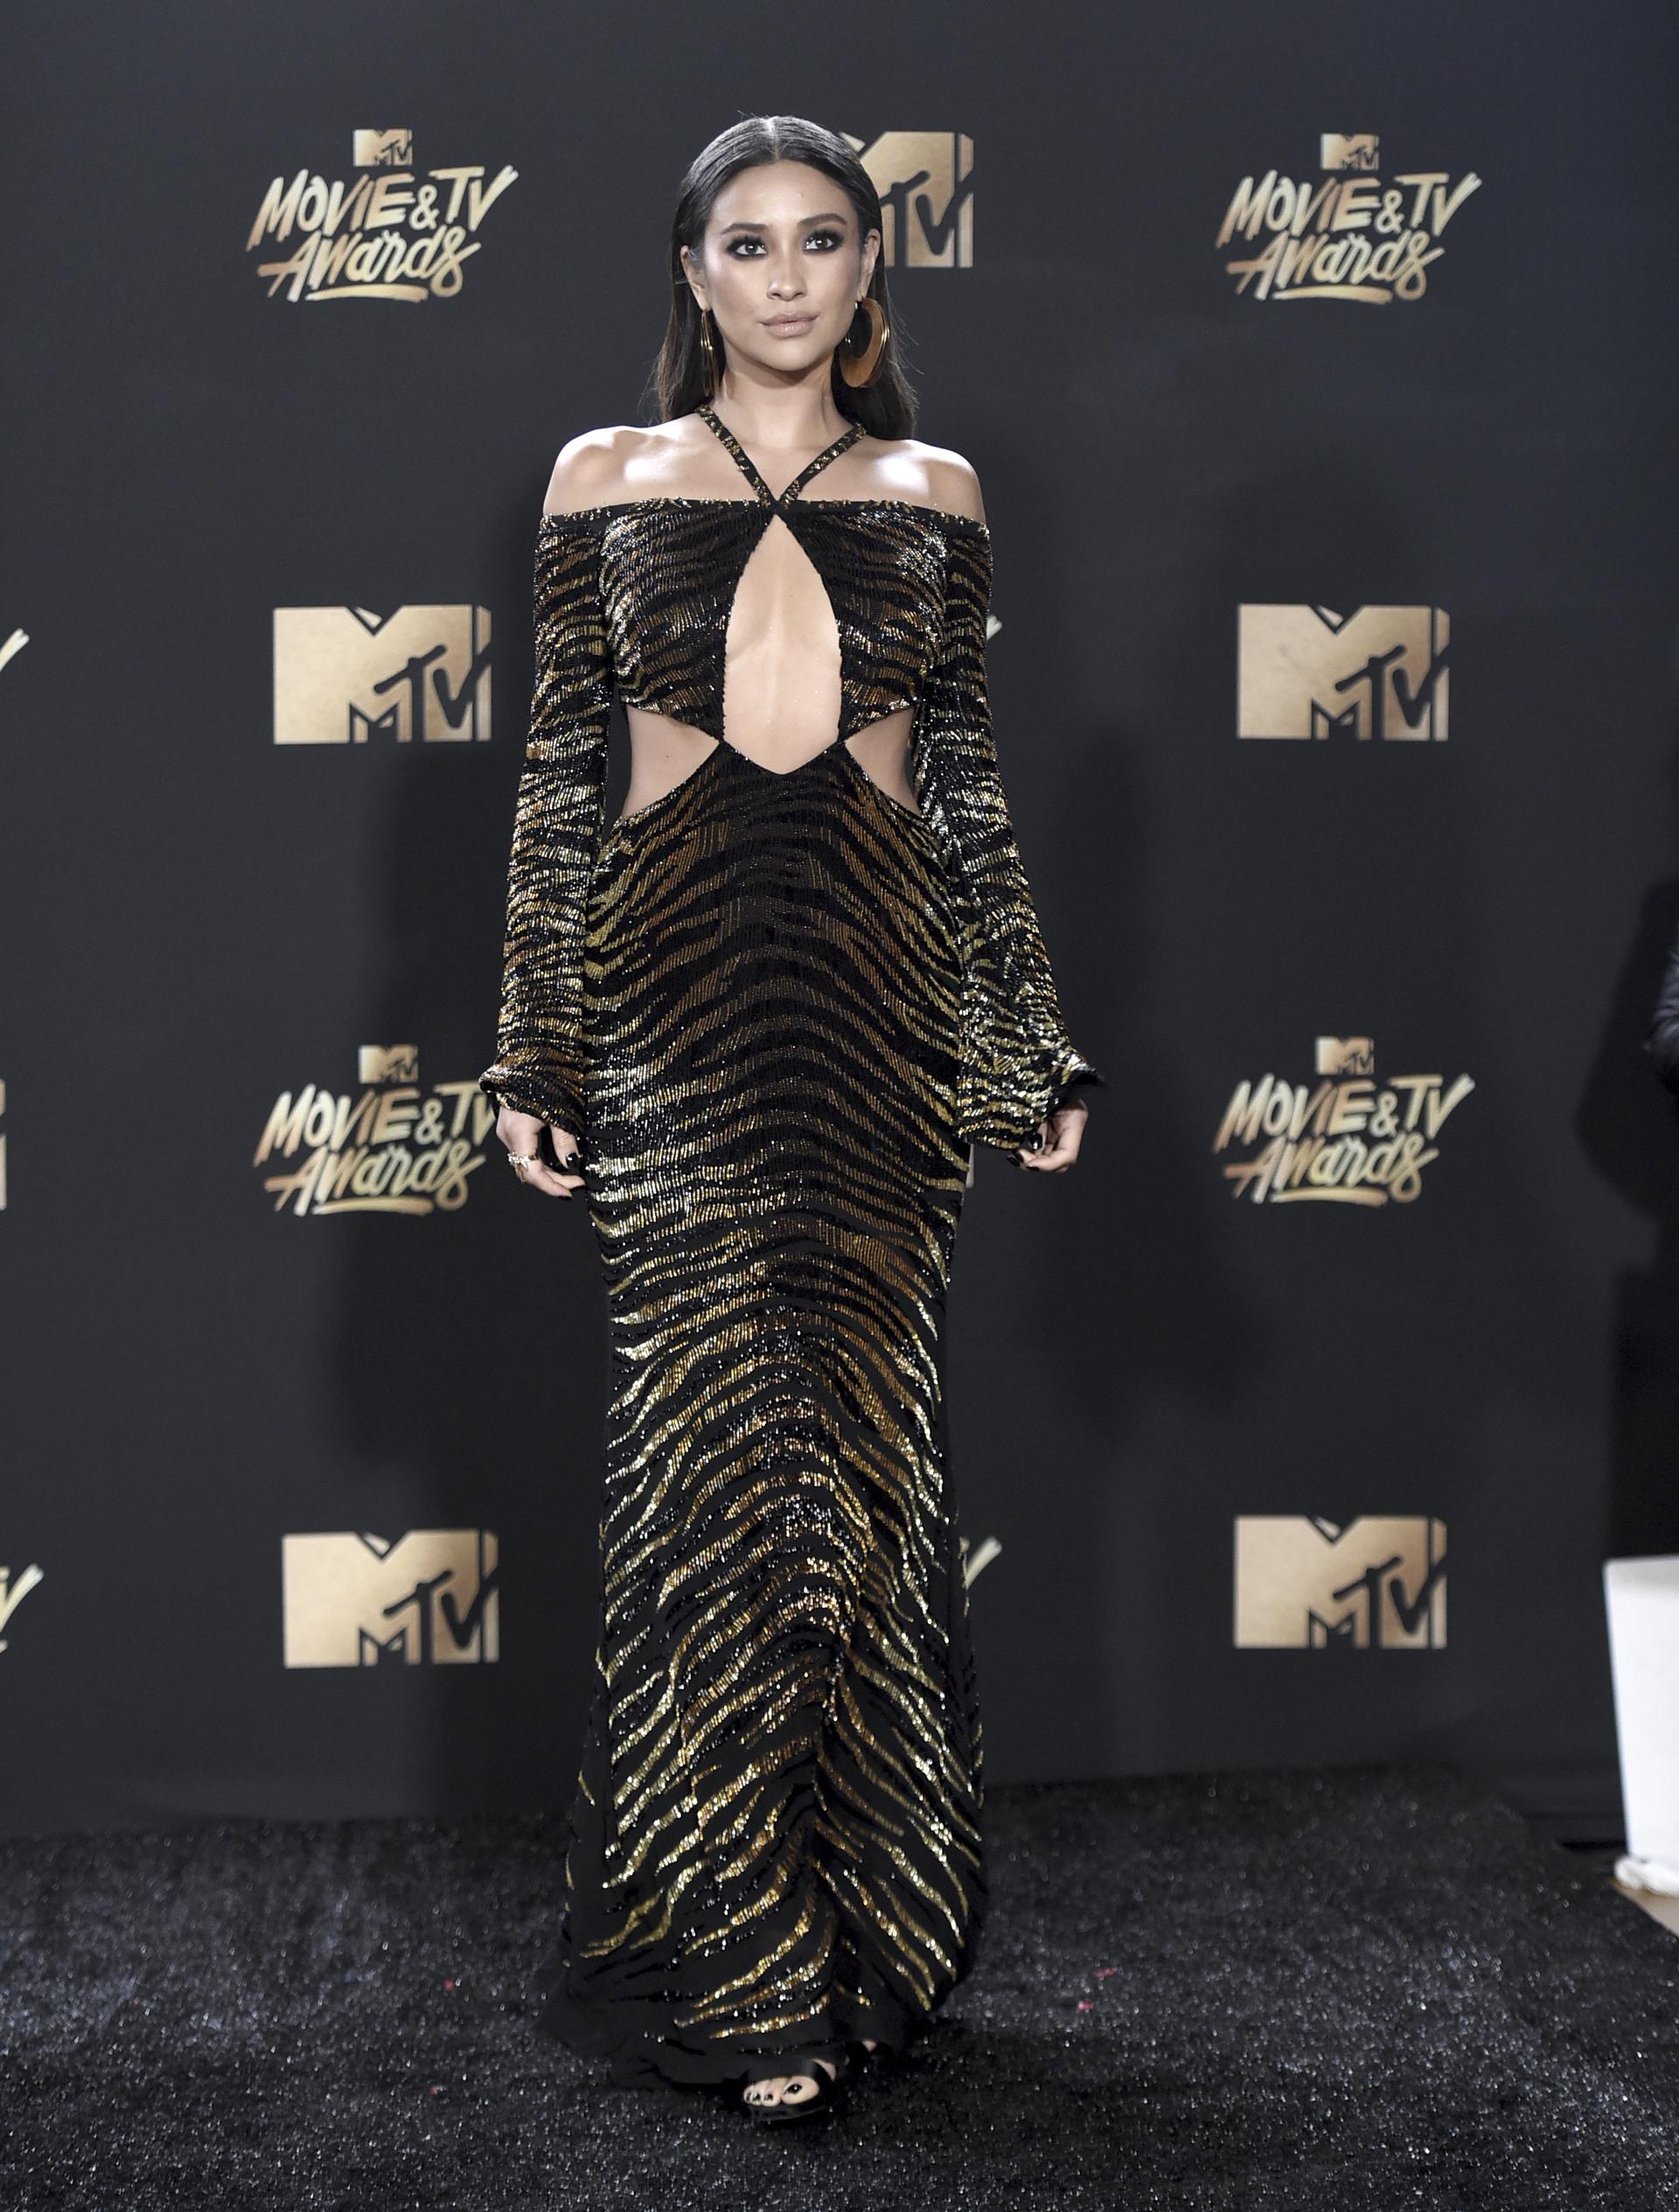 Shay Mitchell brilló en la pasarela con un vestido imponente en negro con escote y detalles en dorado (Richard Shotwell/Invision/AP)